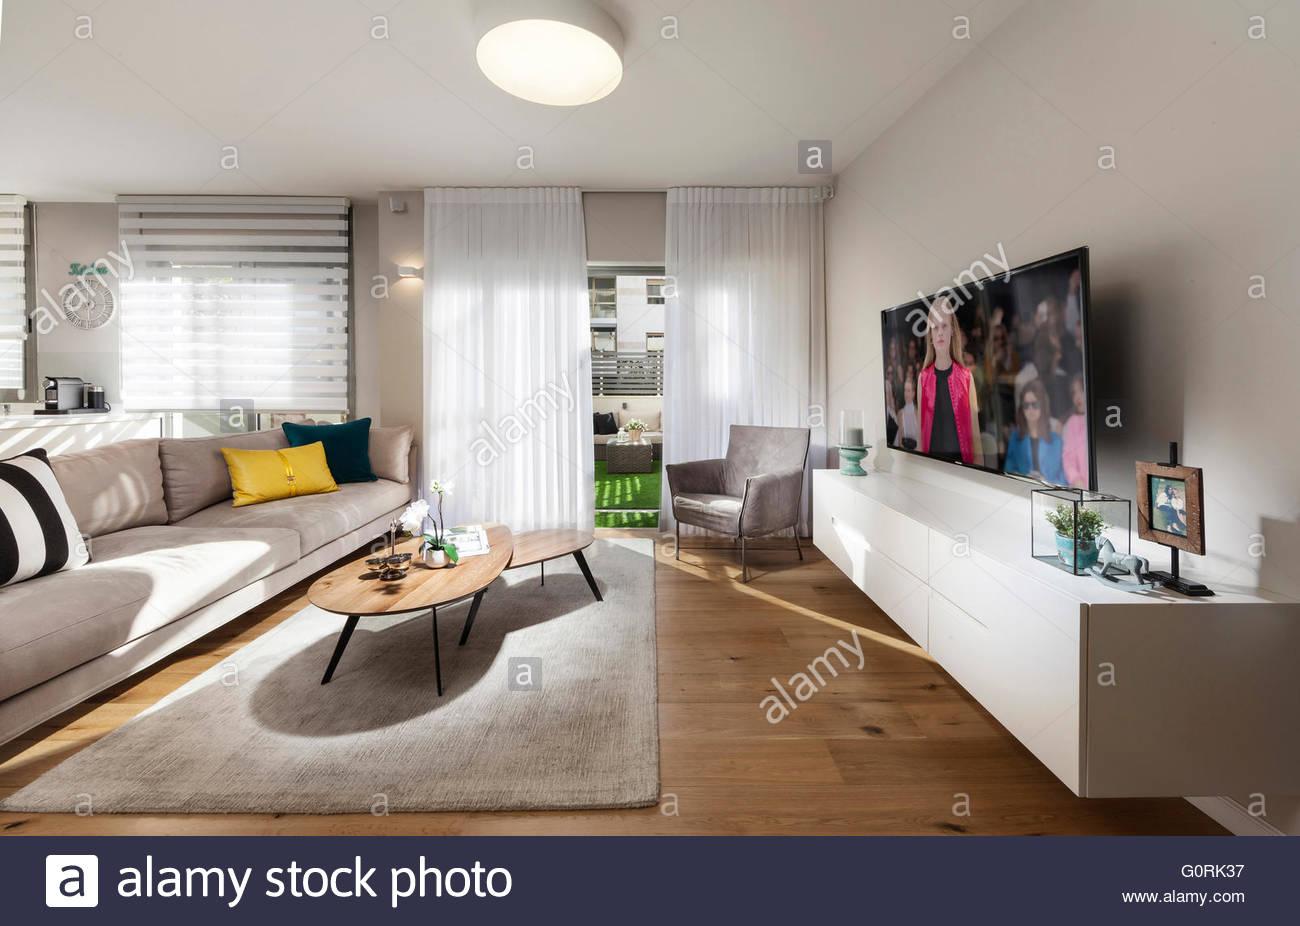 Moderne offene Wohnzimmer mit geöffneten Türen des gleitenden ...